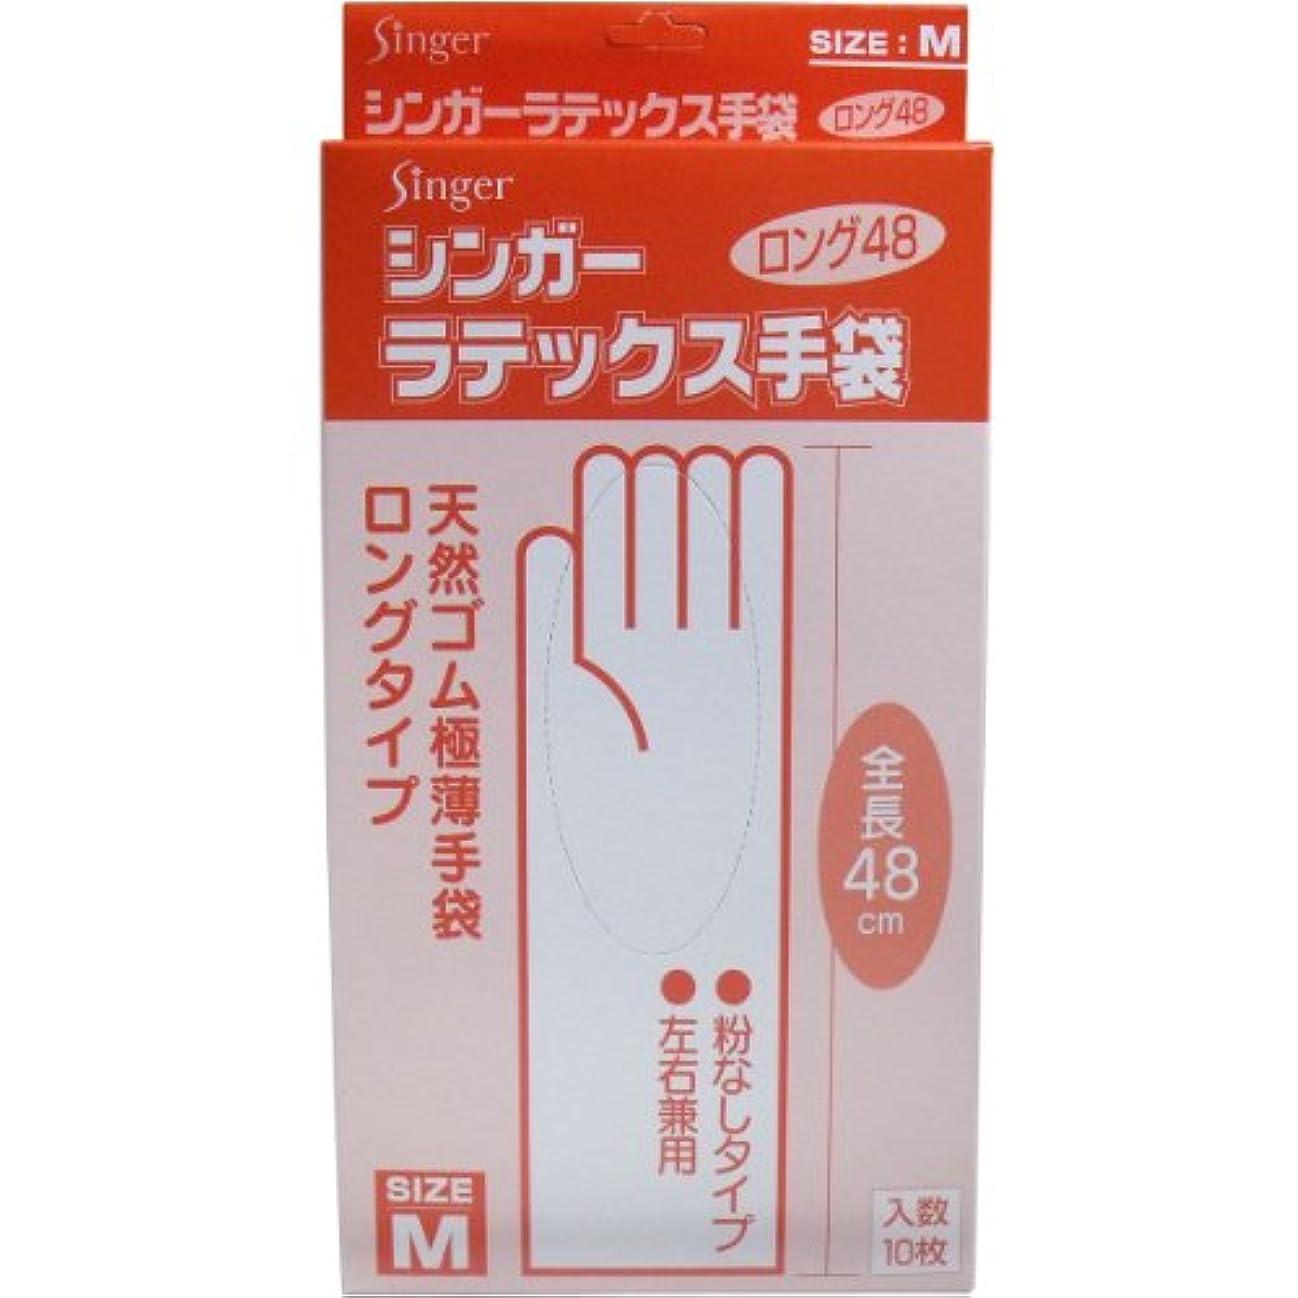 被る天のテレビを見るシンガーラテックス手袋 天然ゴム極薄手袋 ロングタイプ Mサイズ 10枚入「4点セット」